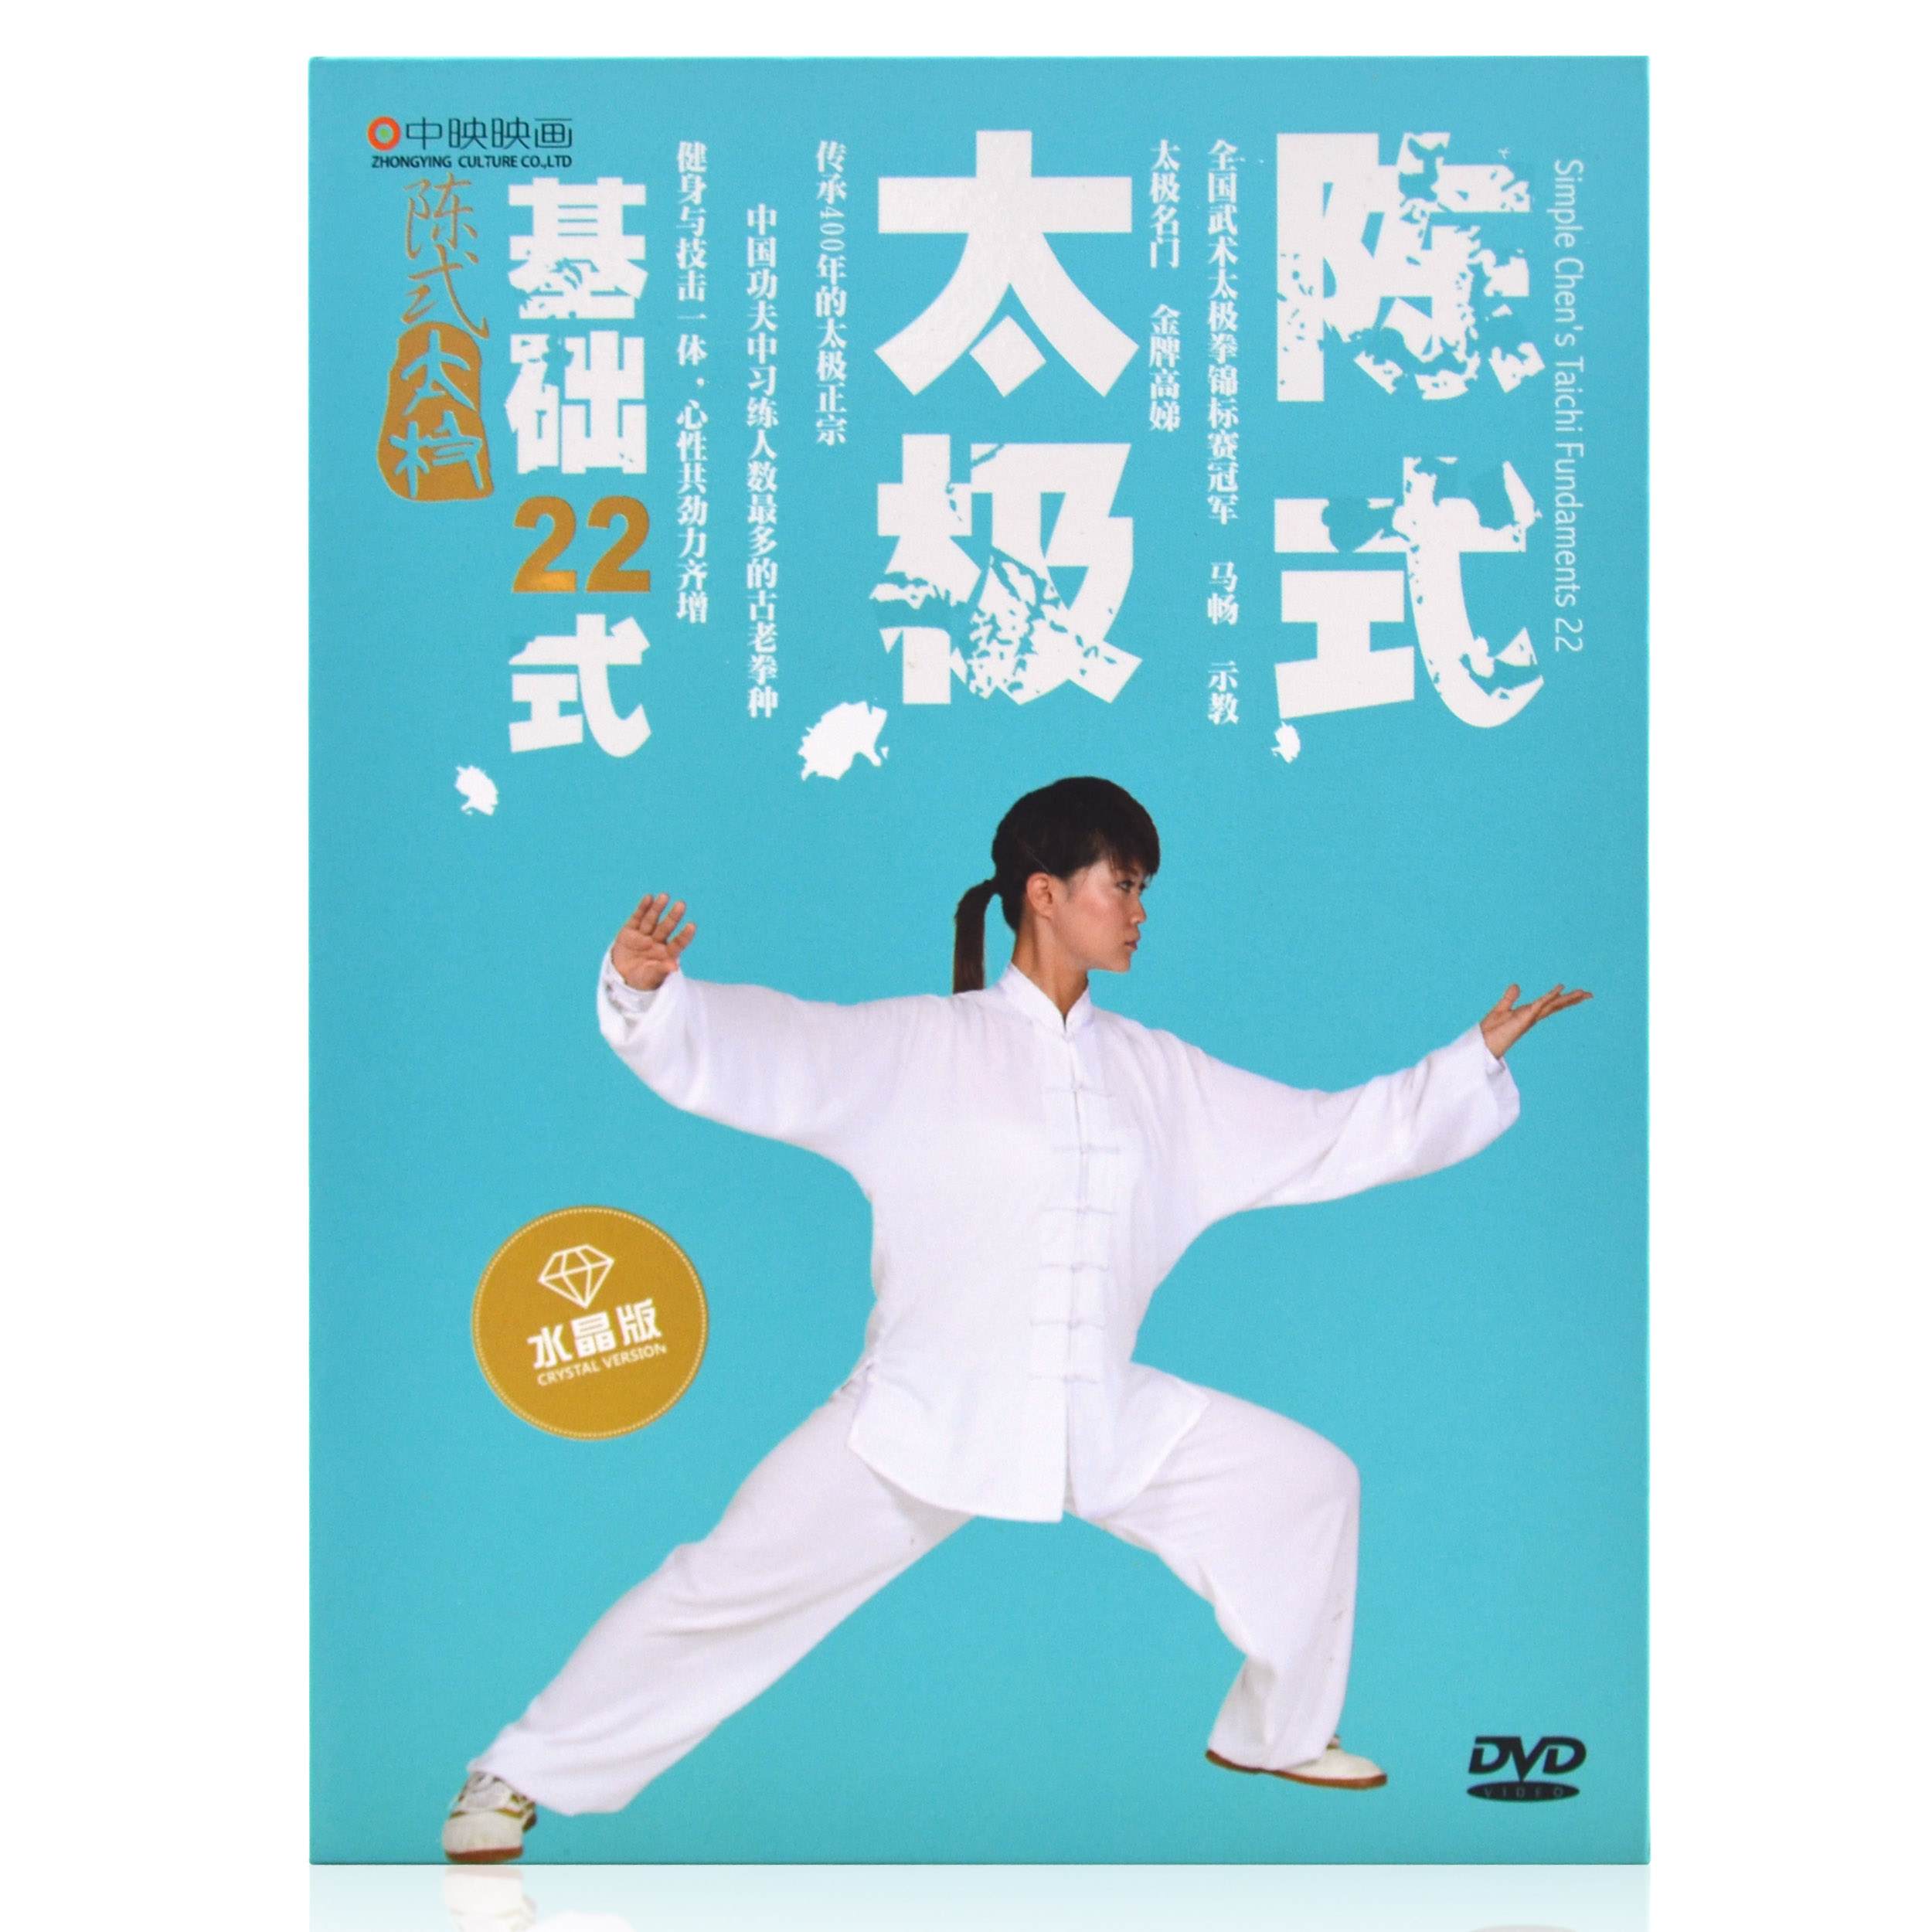 6元)  2: 正版 太极拳教学 陈式 陈氏太极精简36式太极拳 dvd+书 (21图片